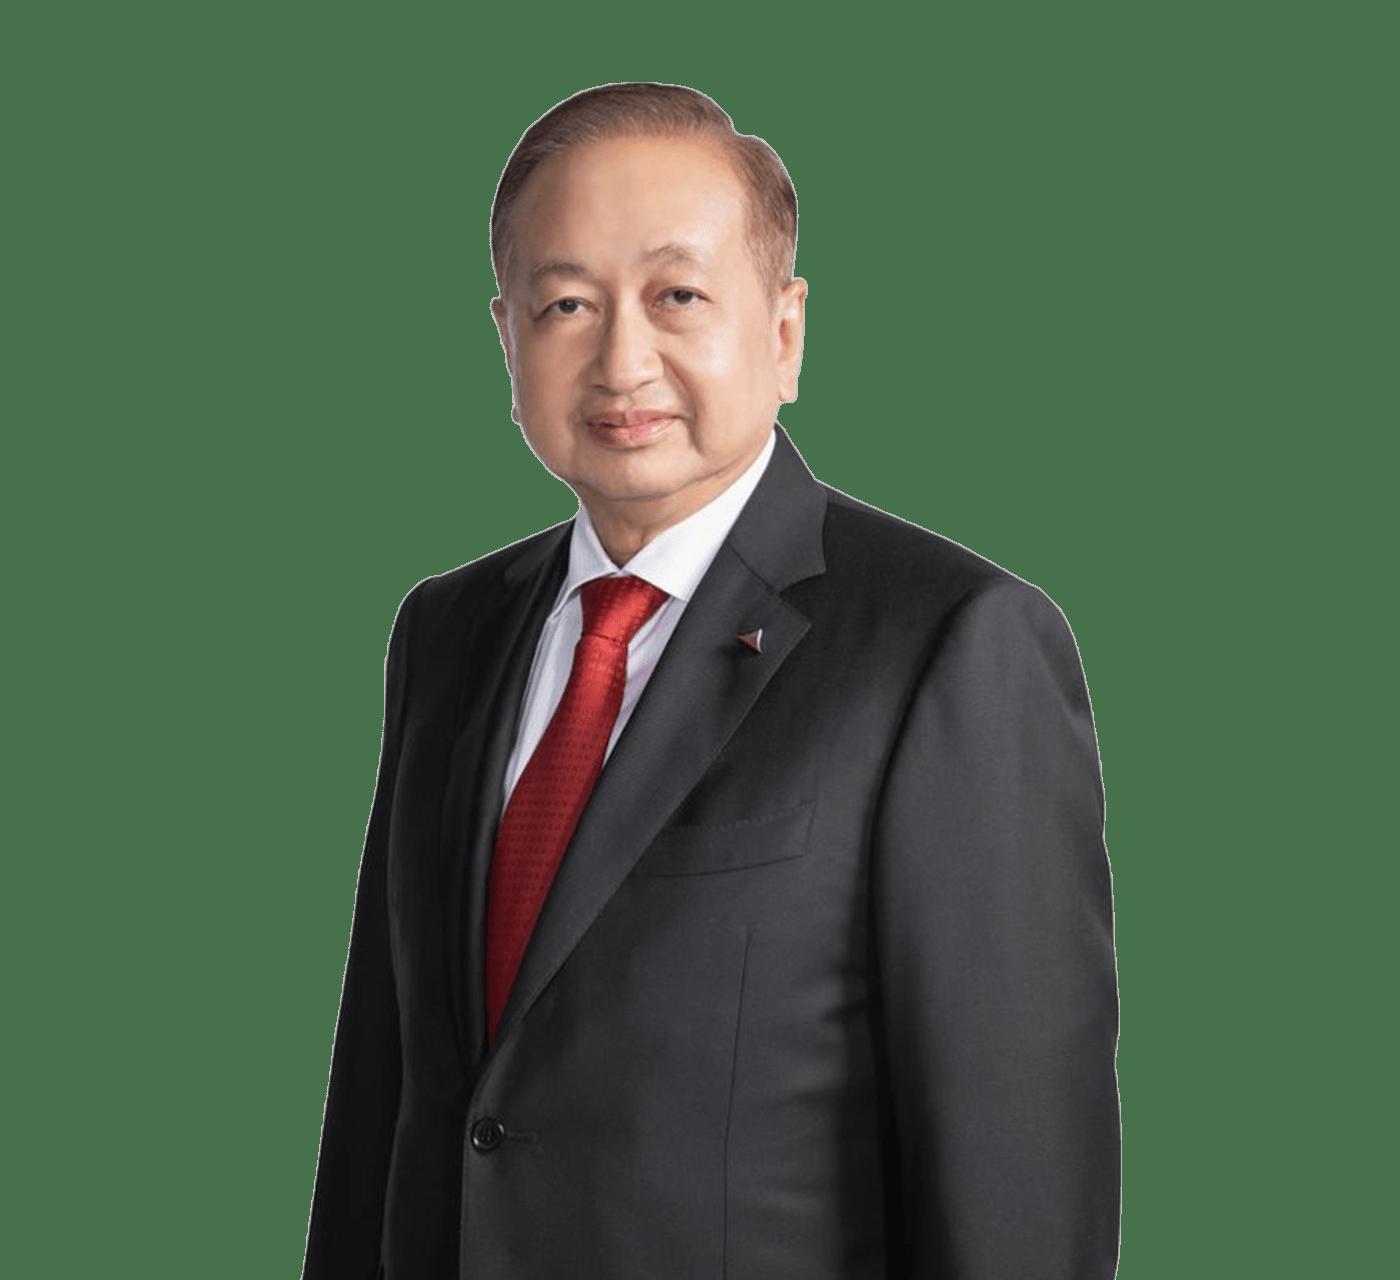 Mr. Rungson Sriworasat